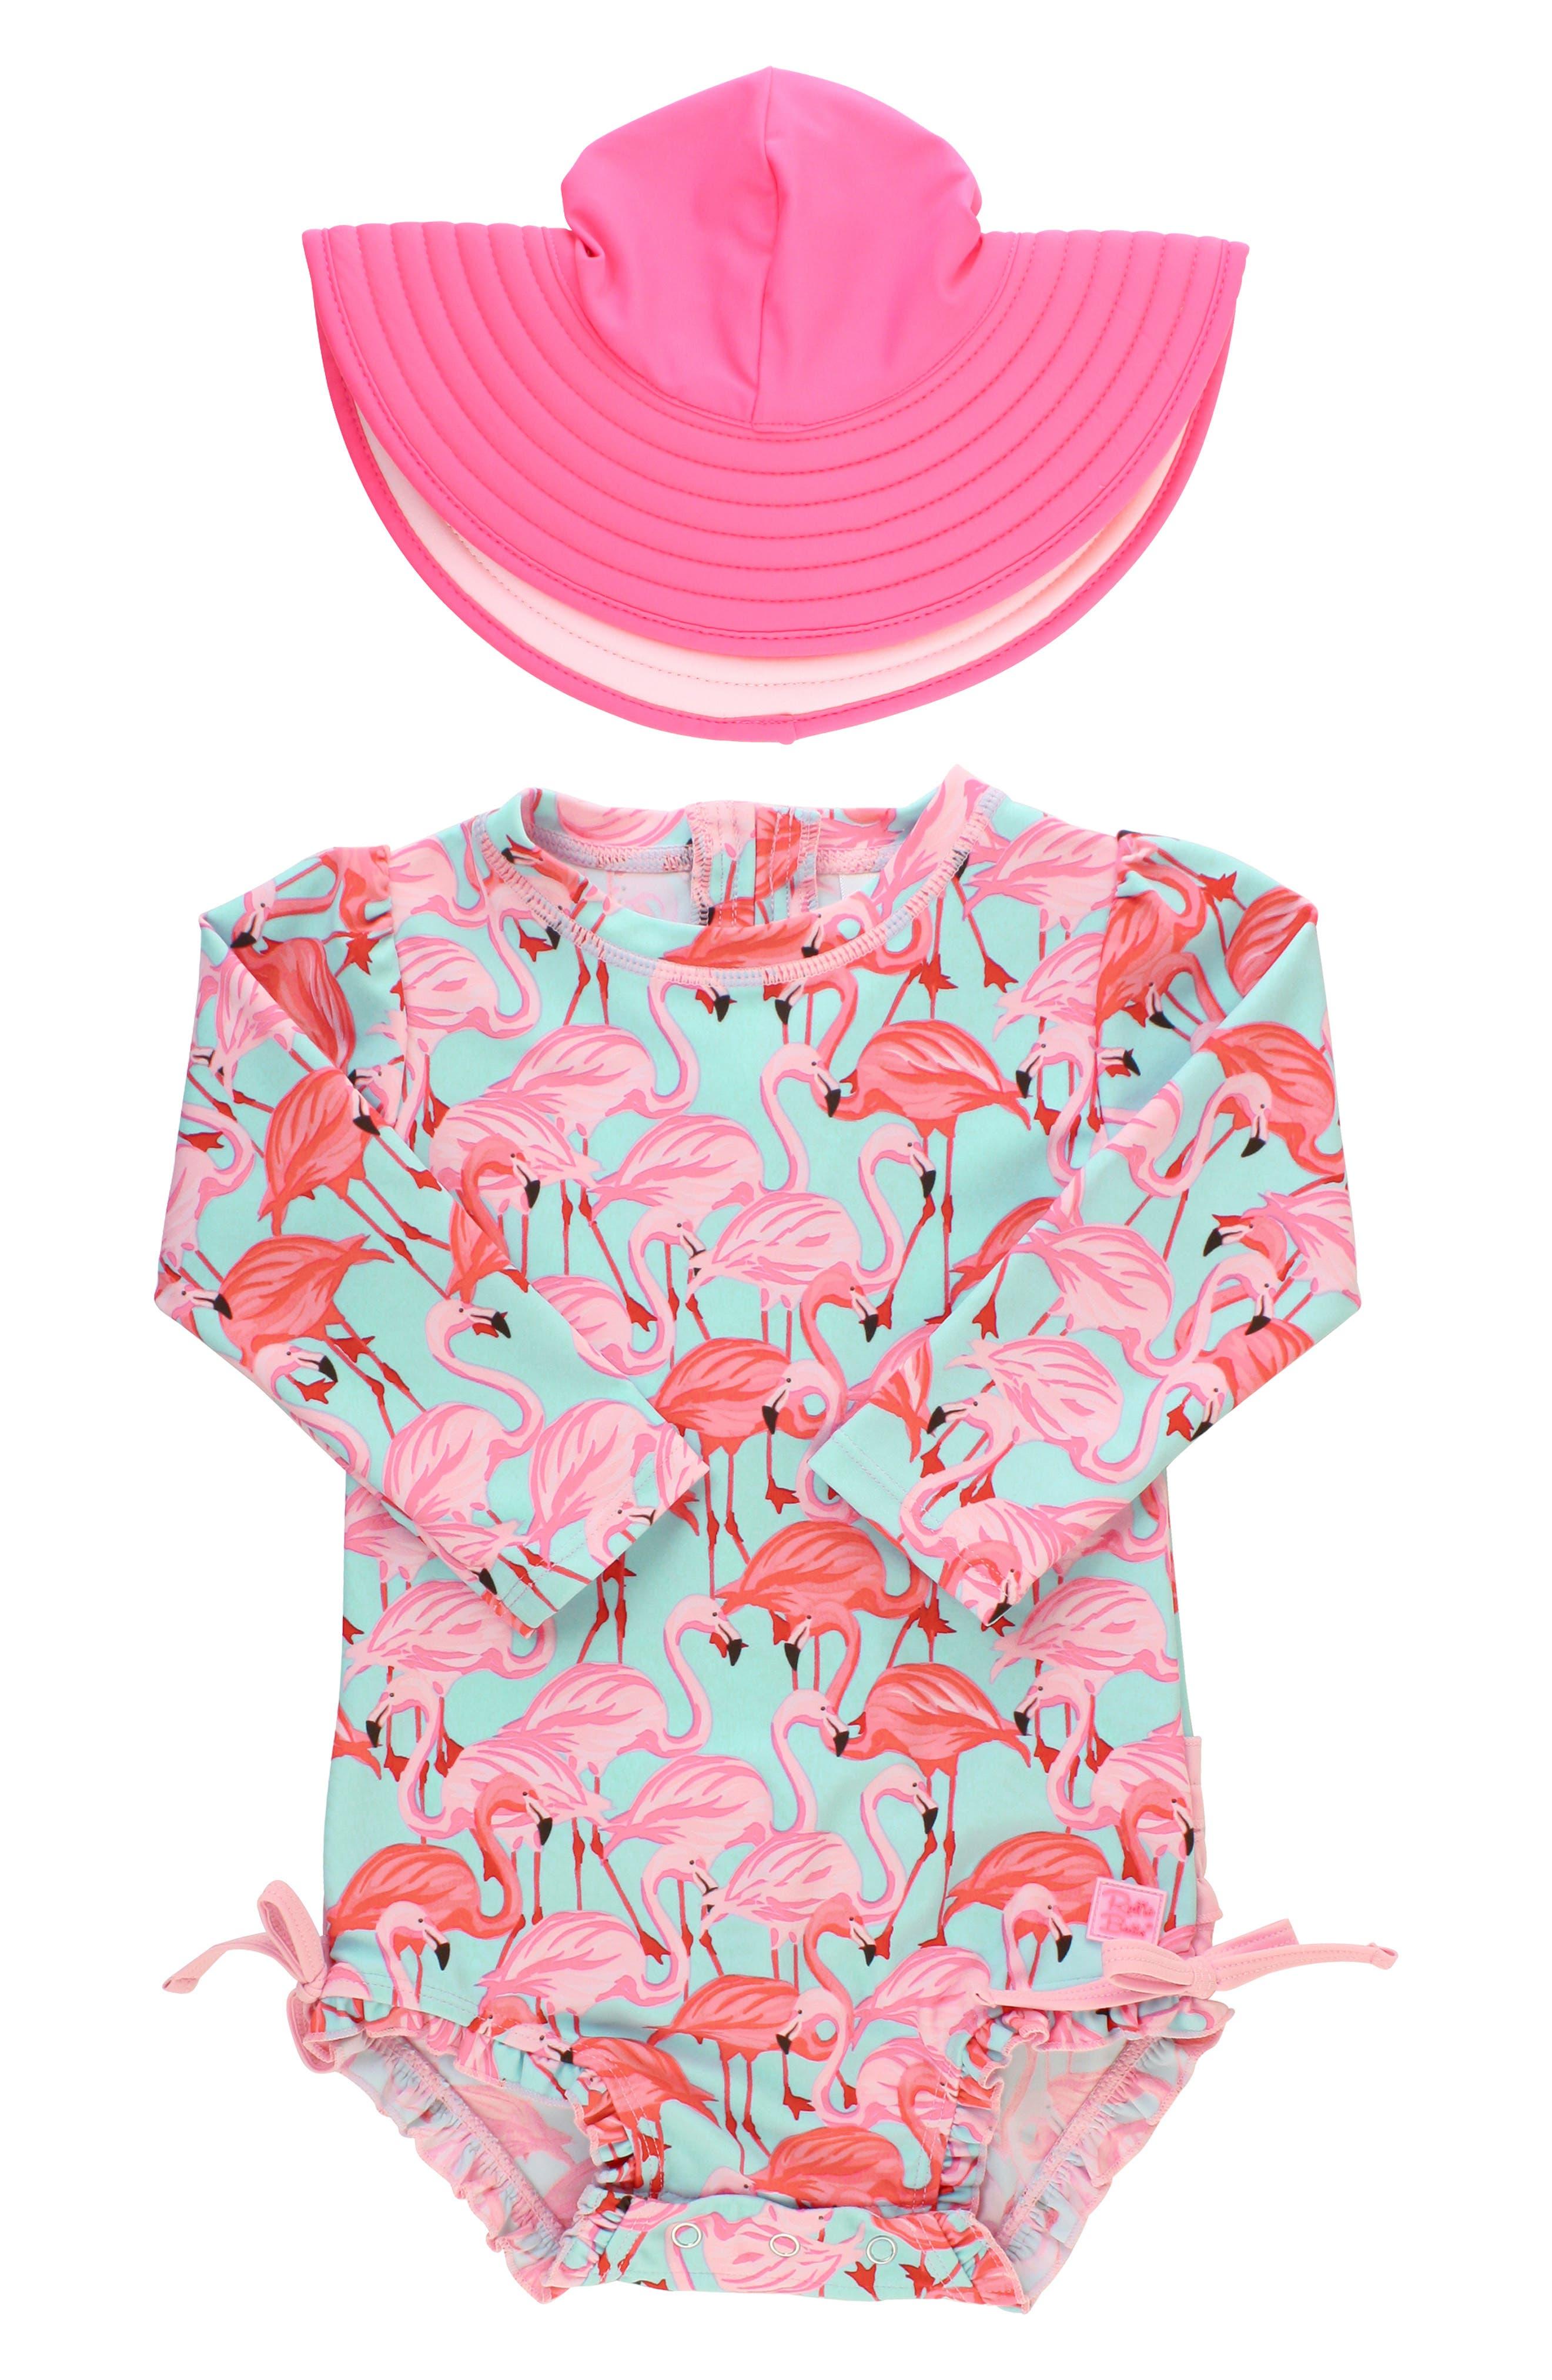 Infant Girls Rufflebutts Flamingo OnePiece Rashghuard Swimsuit  Hat Swim Set